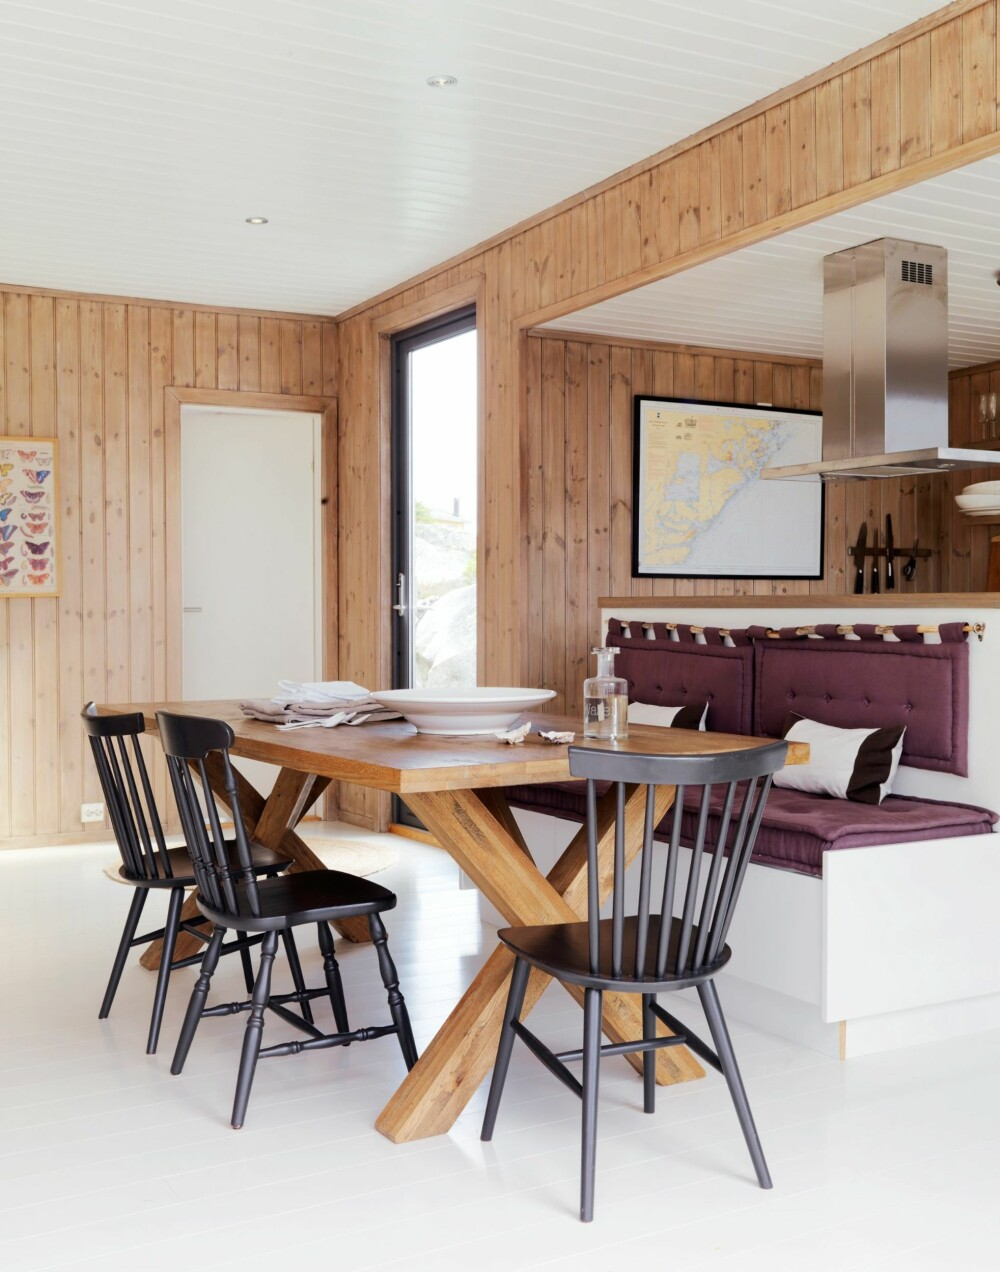 KOMFORT: Baksiden av kjøkkenøya er utnyttet til en sittebenk, tilpasset av lokal snekker i Risør. Spisebordet i solid tre har fått selskap av stoler som er kjøpt på loppemarked og malt i samme farge som på bokhyllene i stuen. Styling: Kirsten Visdal.